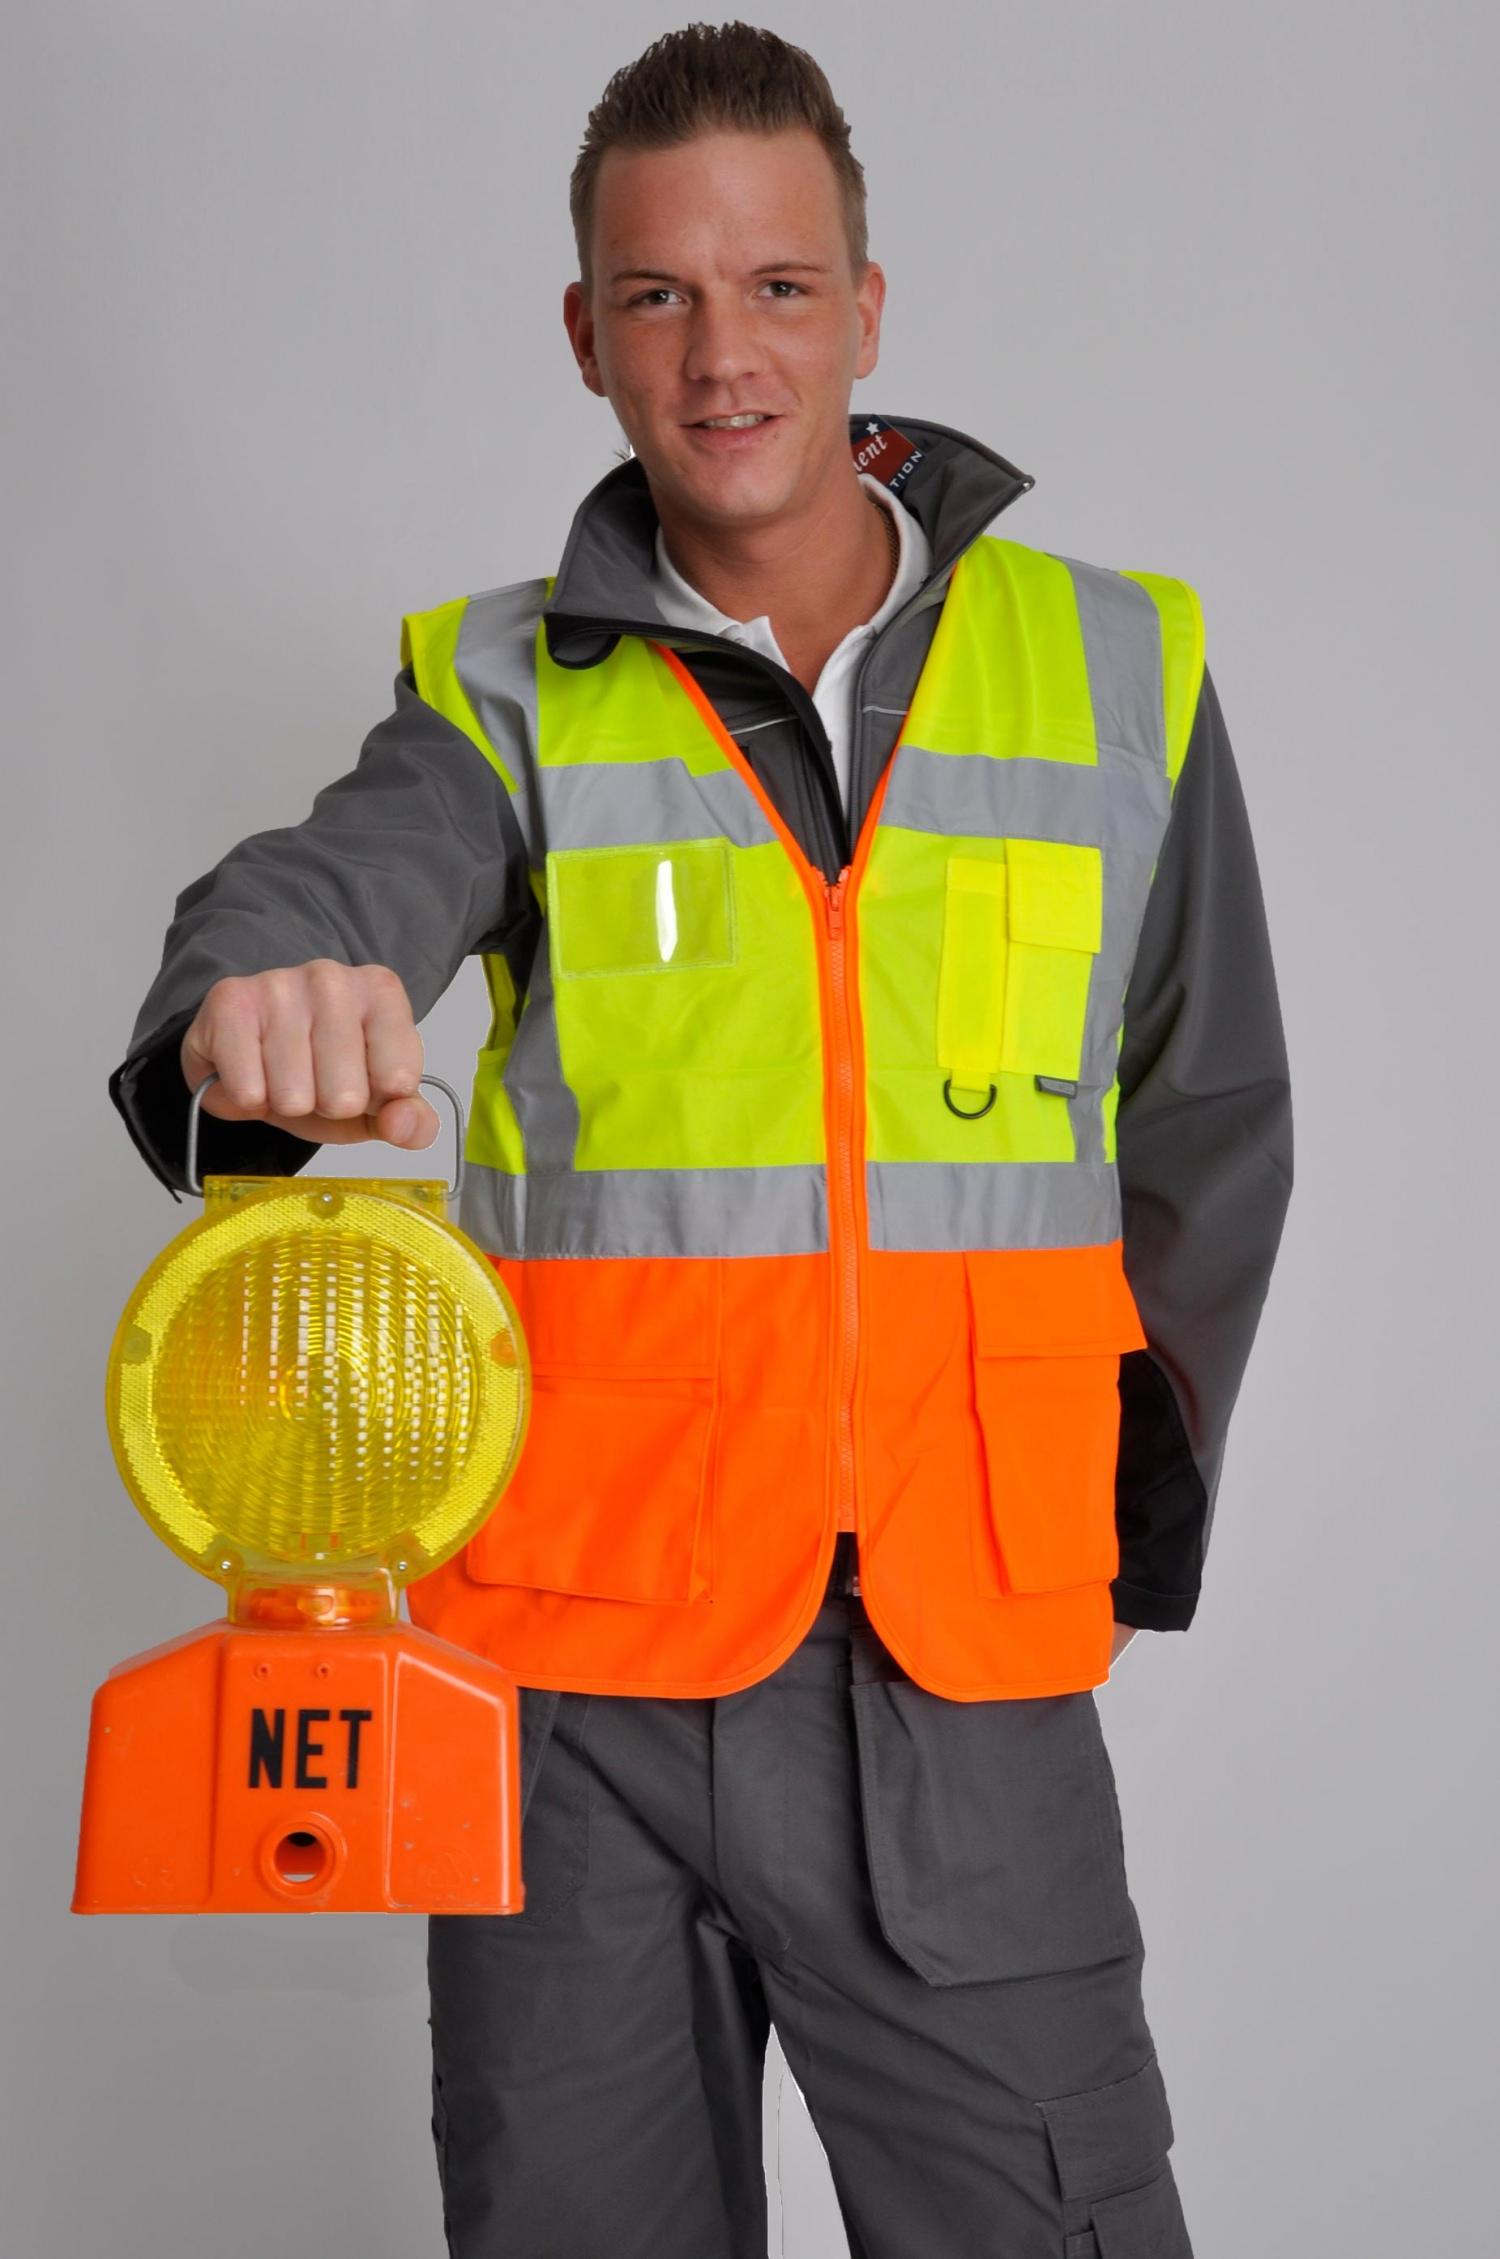 Reflexionsbekleidung für Fußgänger, Fahrradfahrer und alle, die draußen arbeiten.